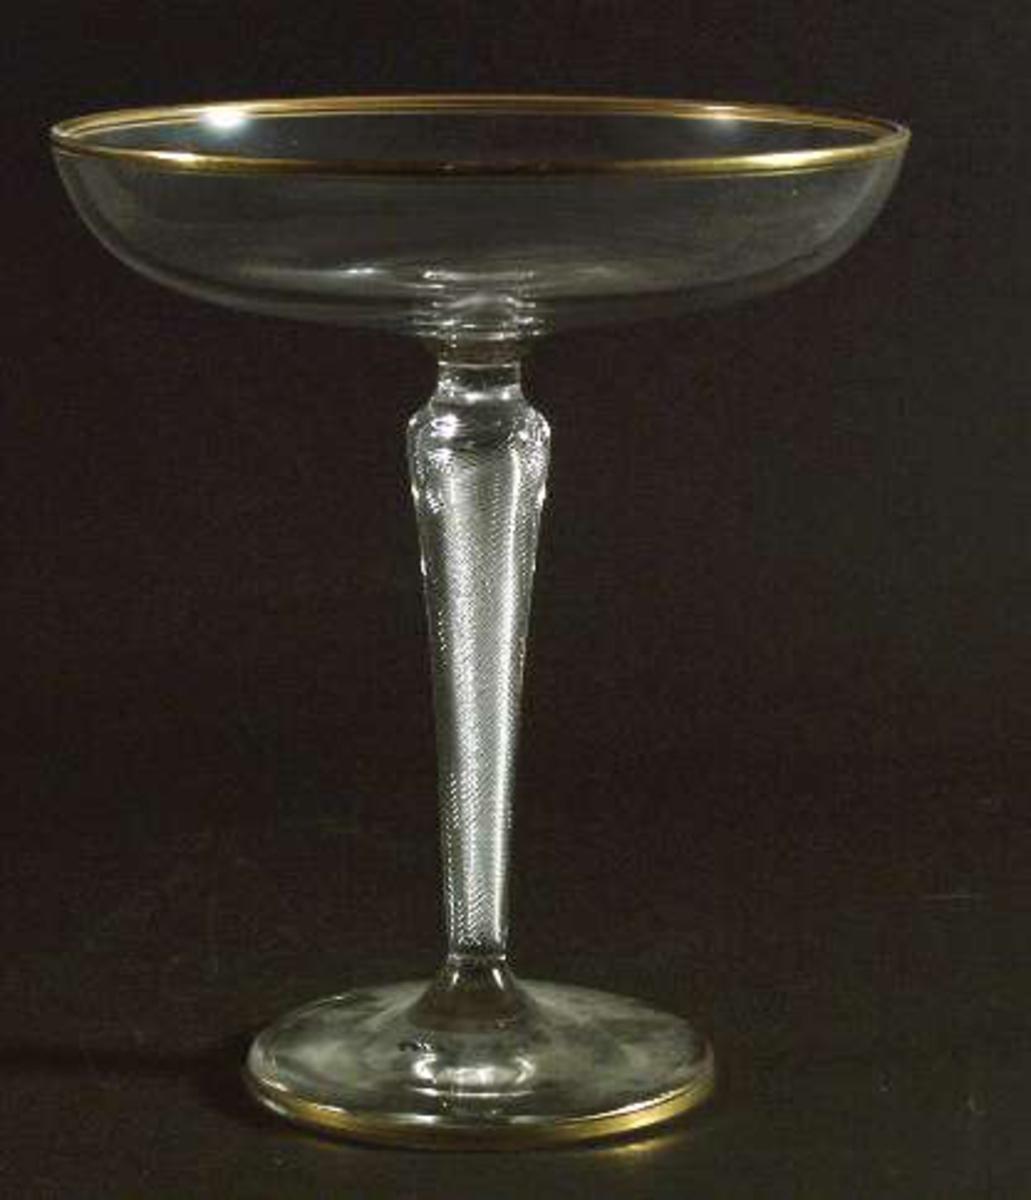 Konfektskål av ofärgat glas. Luftspiral i benet. Guldband kring mynning och fotplatta.